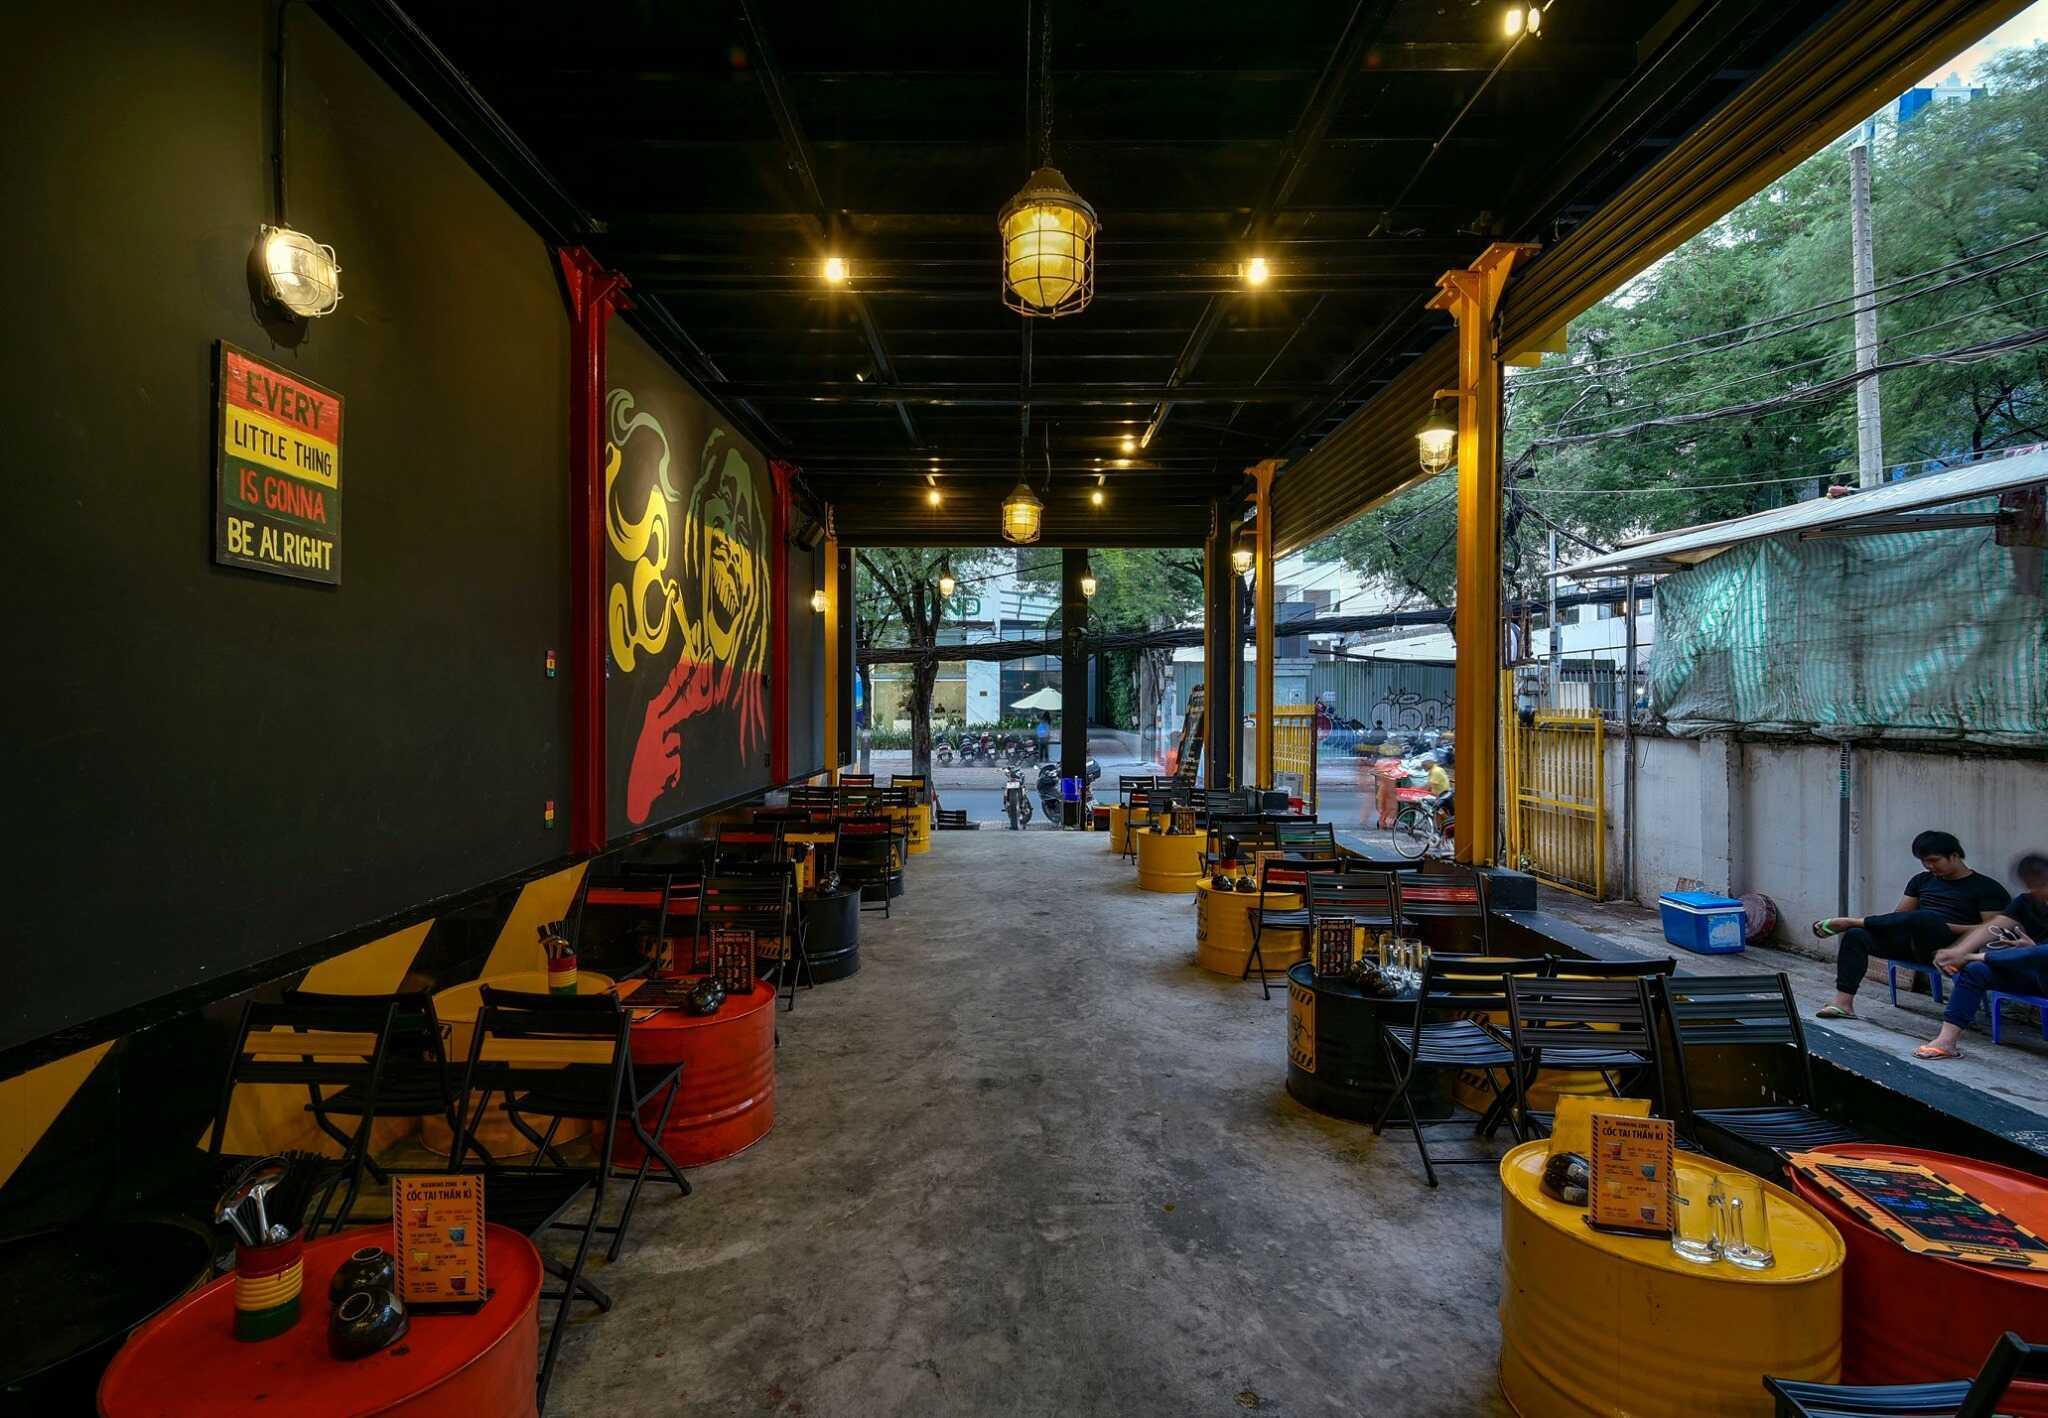 Review nhà hàng Warning Zone: Menu đồ ăn, bảng giá, tất cả chi nhánh